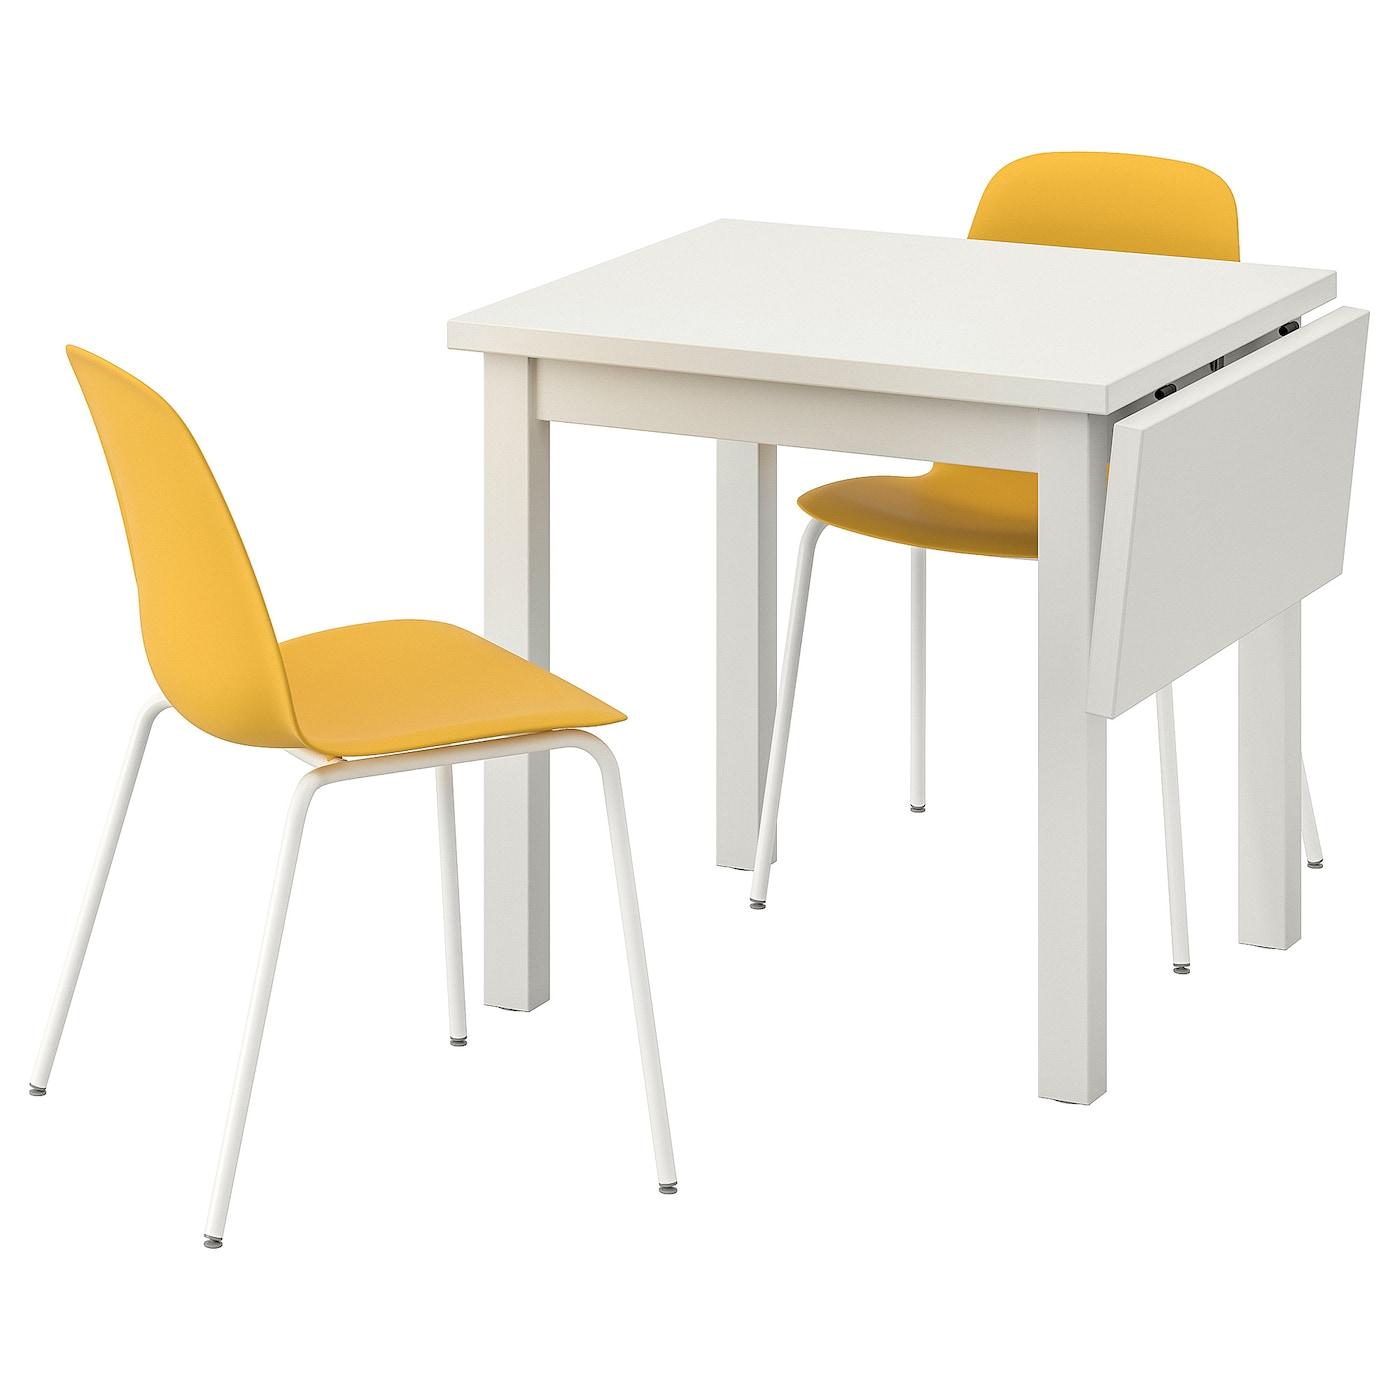 NORDVIKEN LEIFARNE Table et 2 chaises blanc, Broringe jaune foncé 74104x74 cm